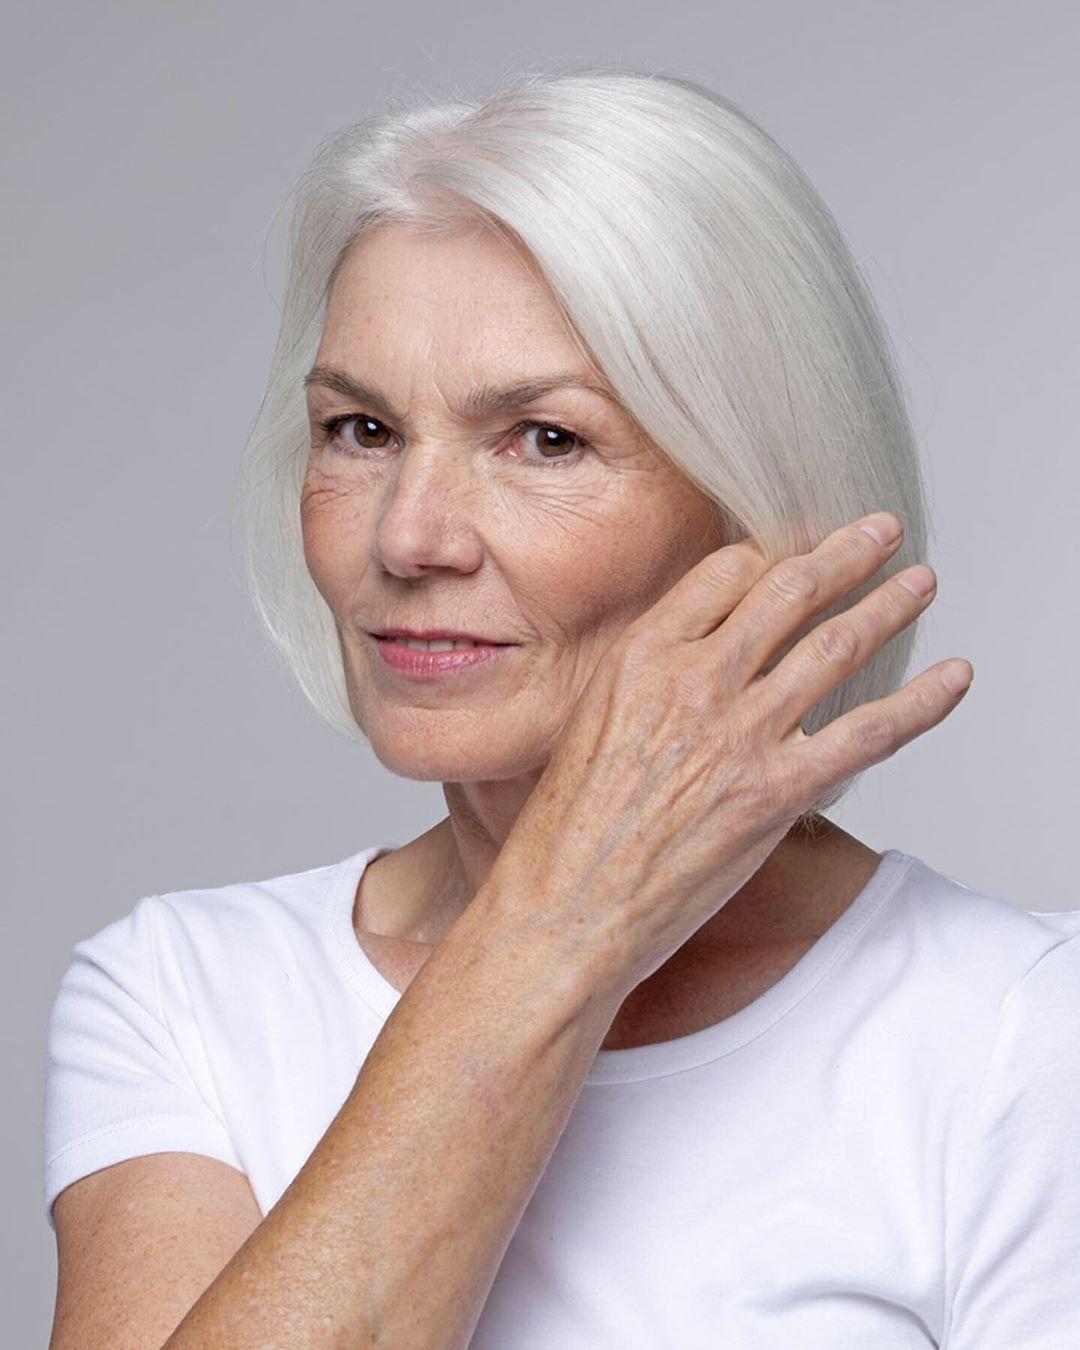 Короткие стрижки для женщин после 60 лет фото 3